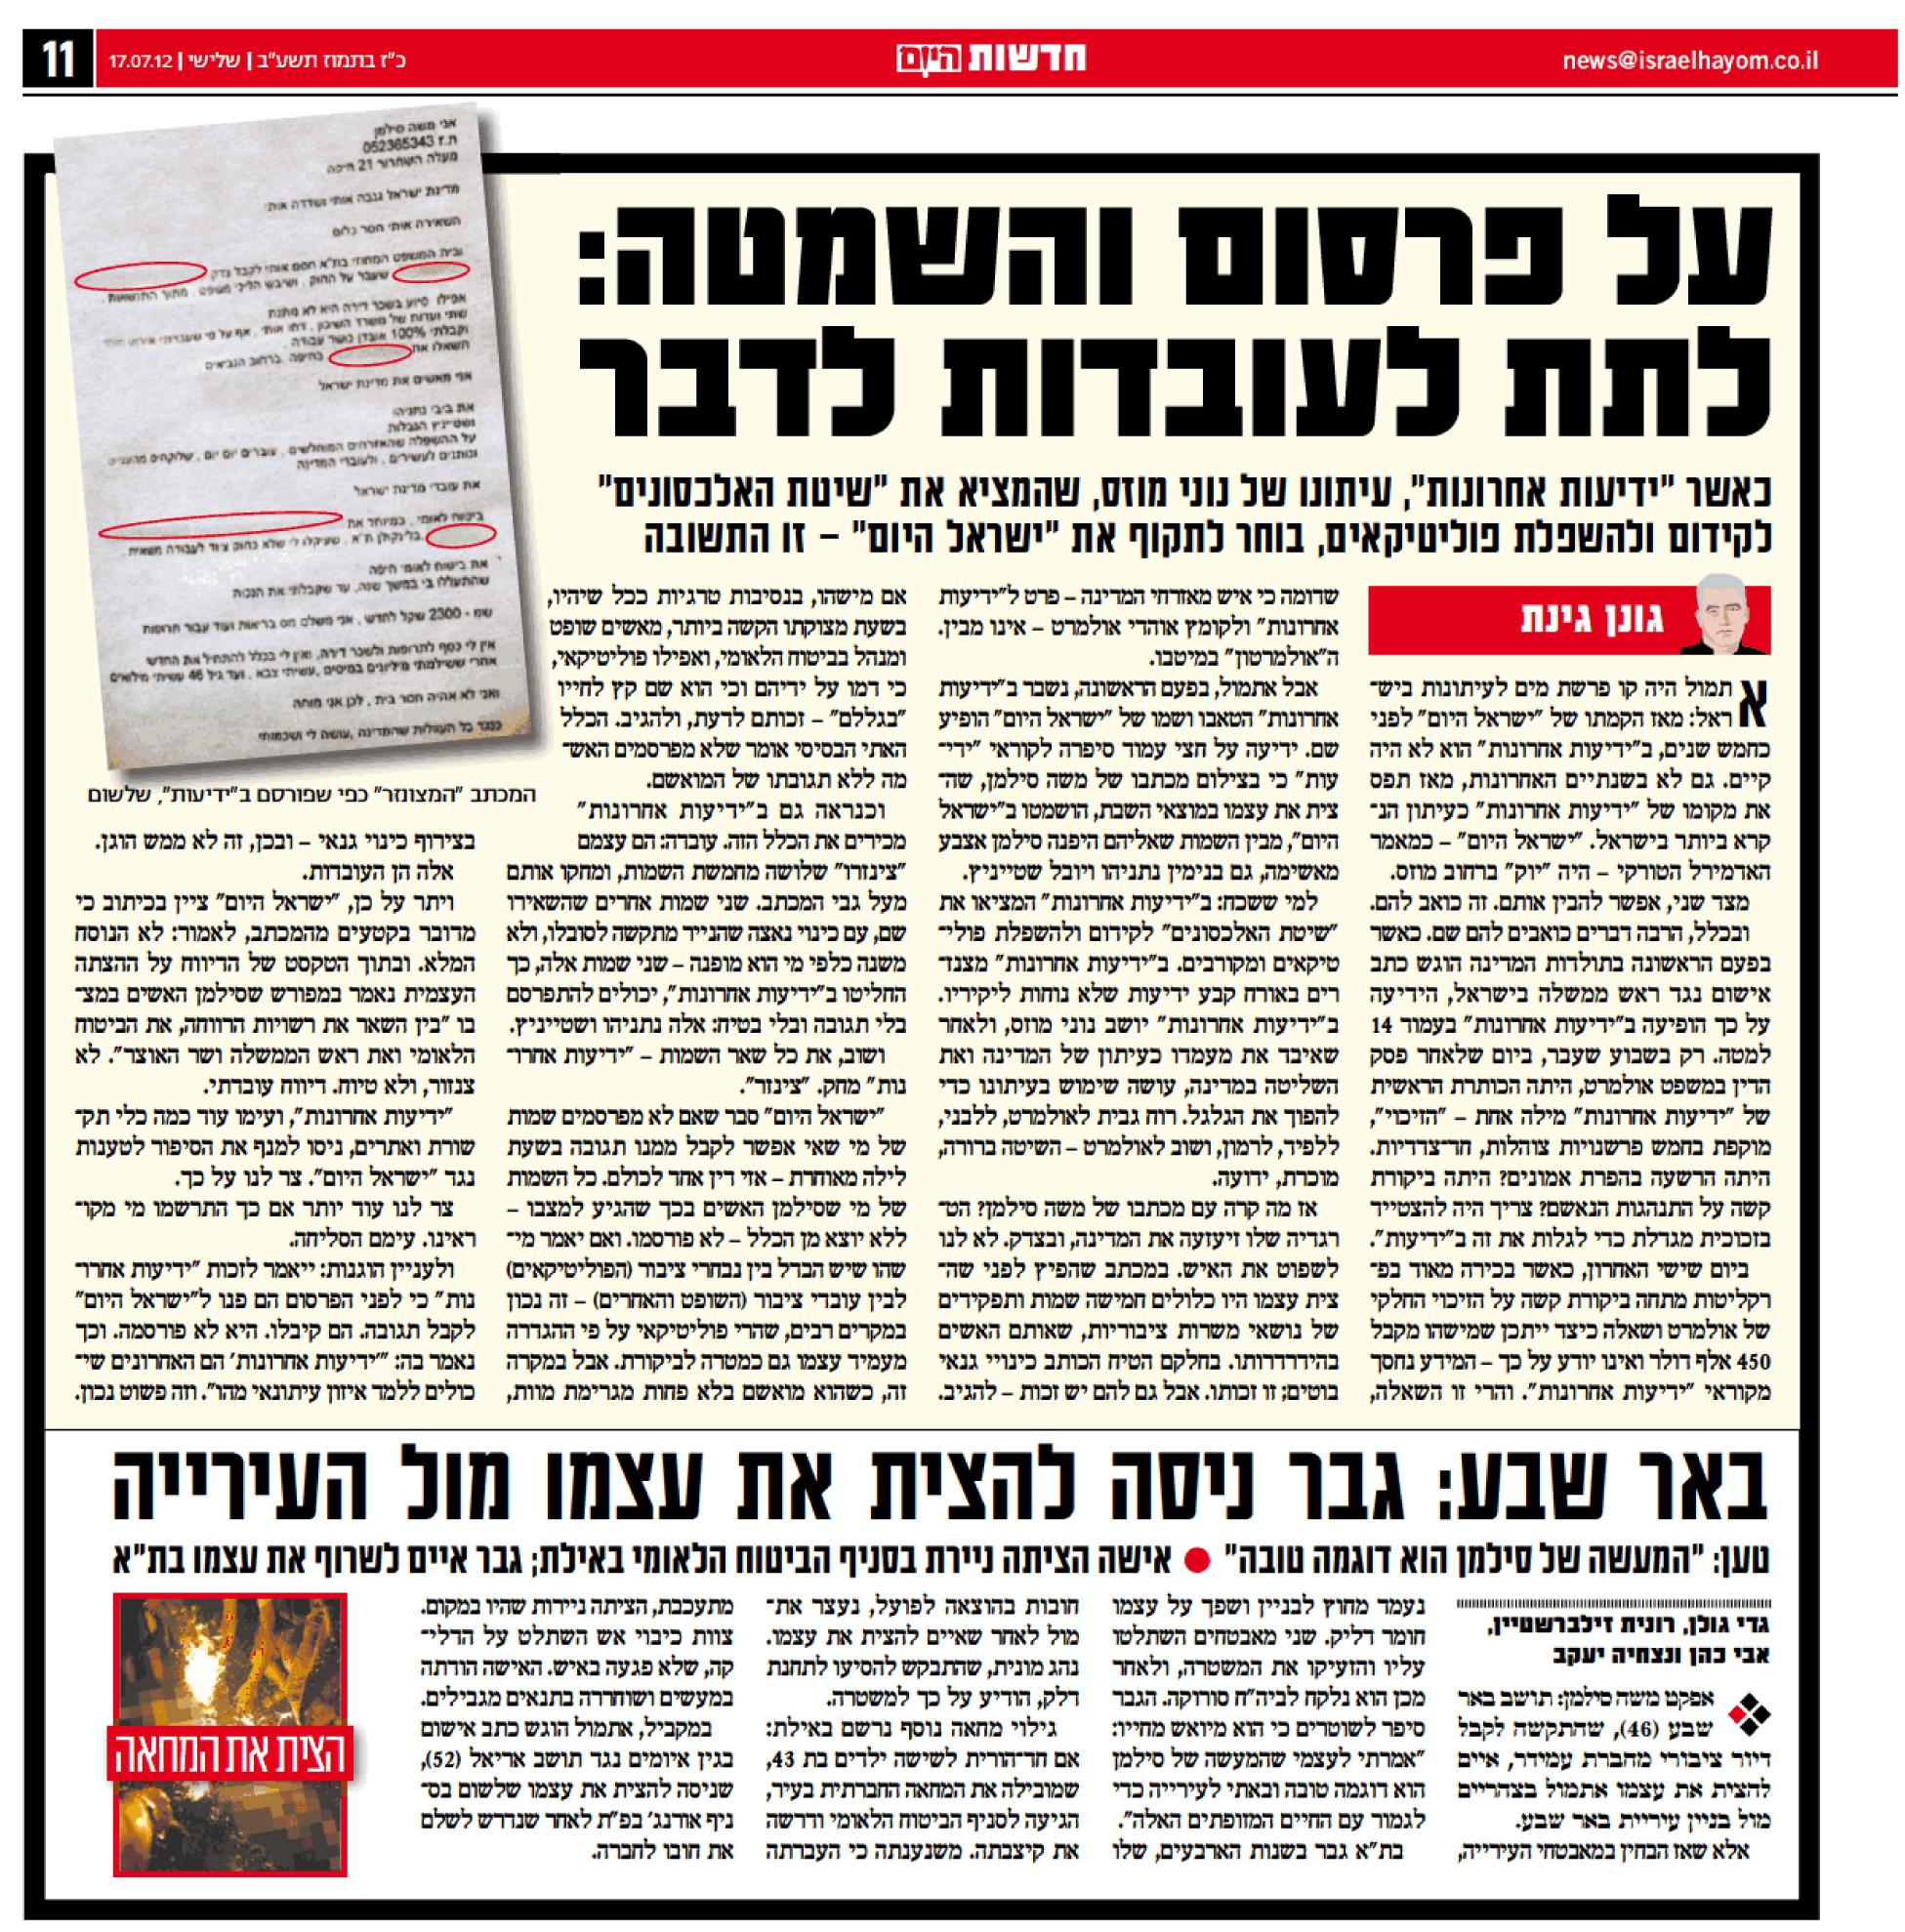 על פרסום והשמטה: ישראל היום נותנים לעובדות לדבר ונכנסים בידיעות אחרונות